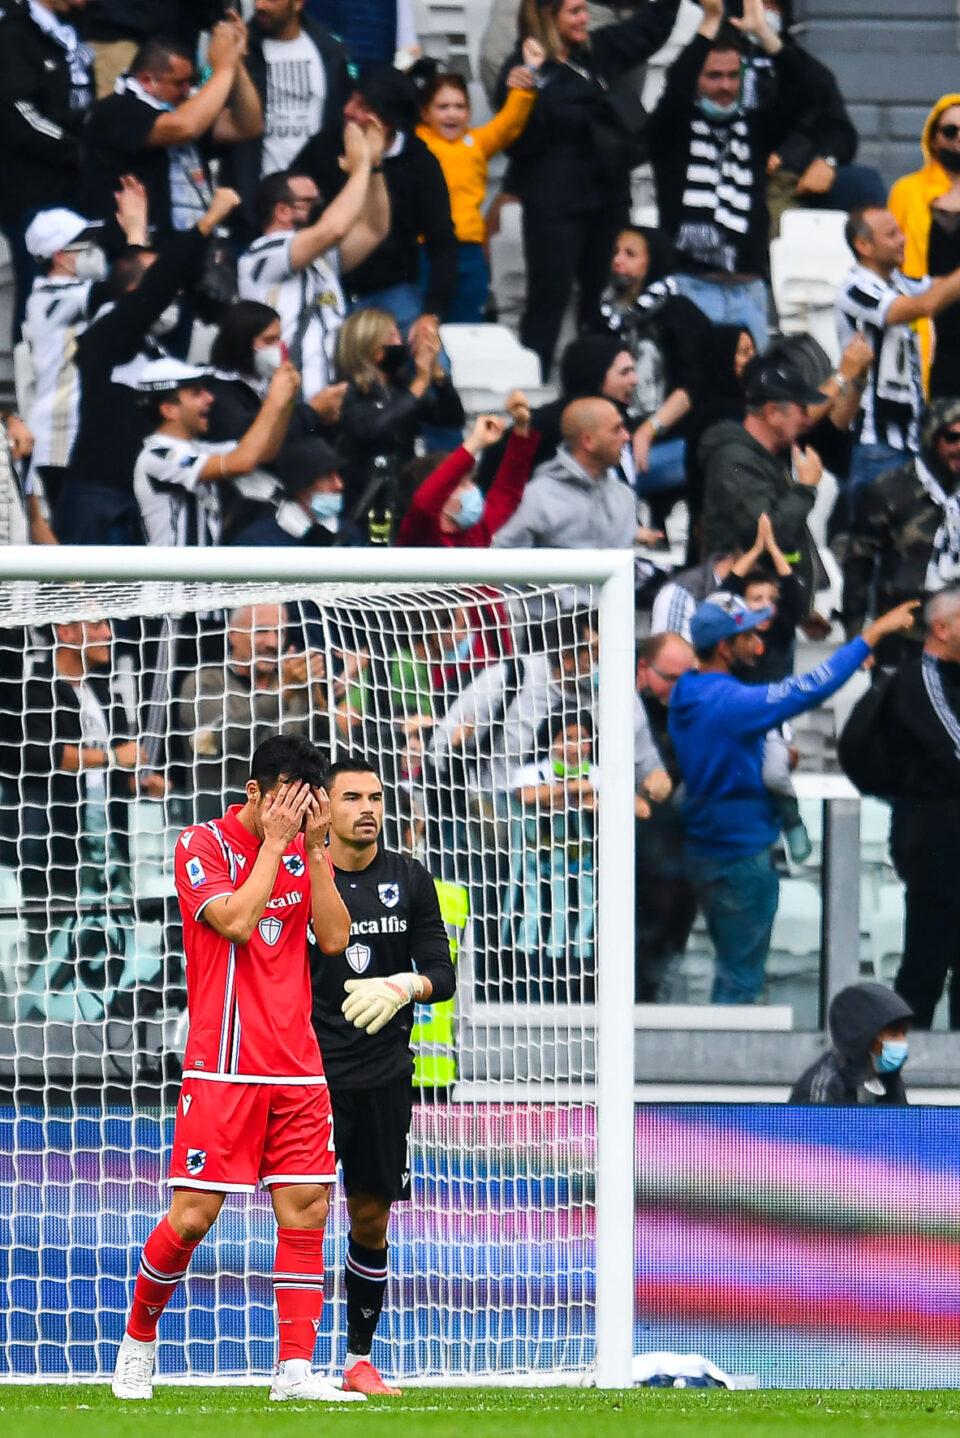 La delusione di Audero e Yoshida dopo il gol di Dybala